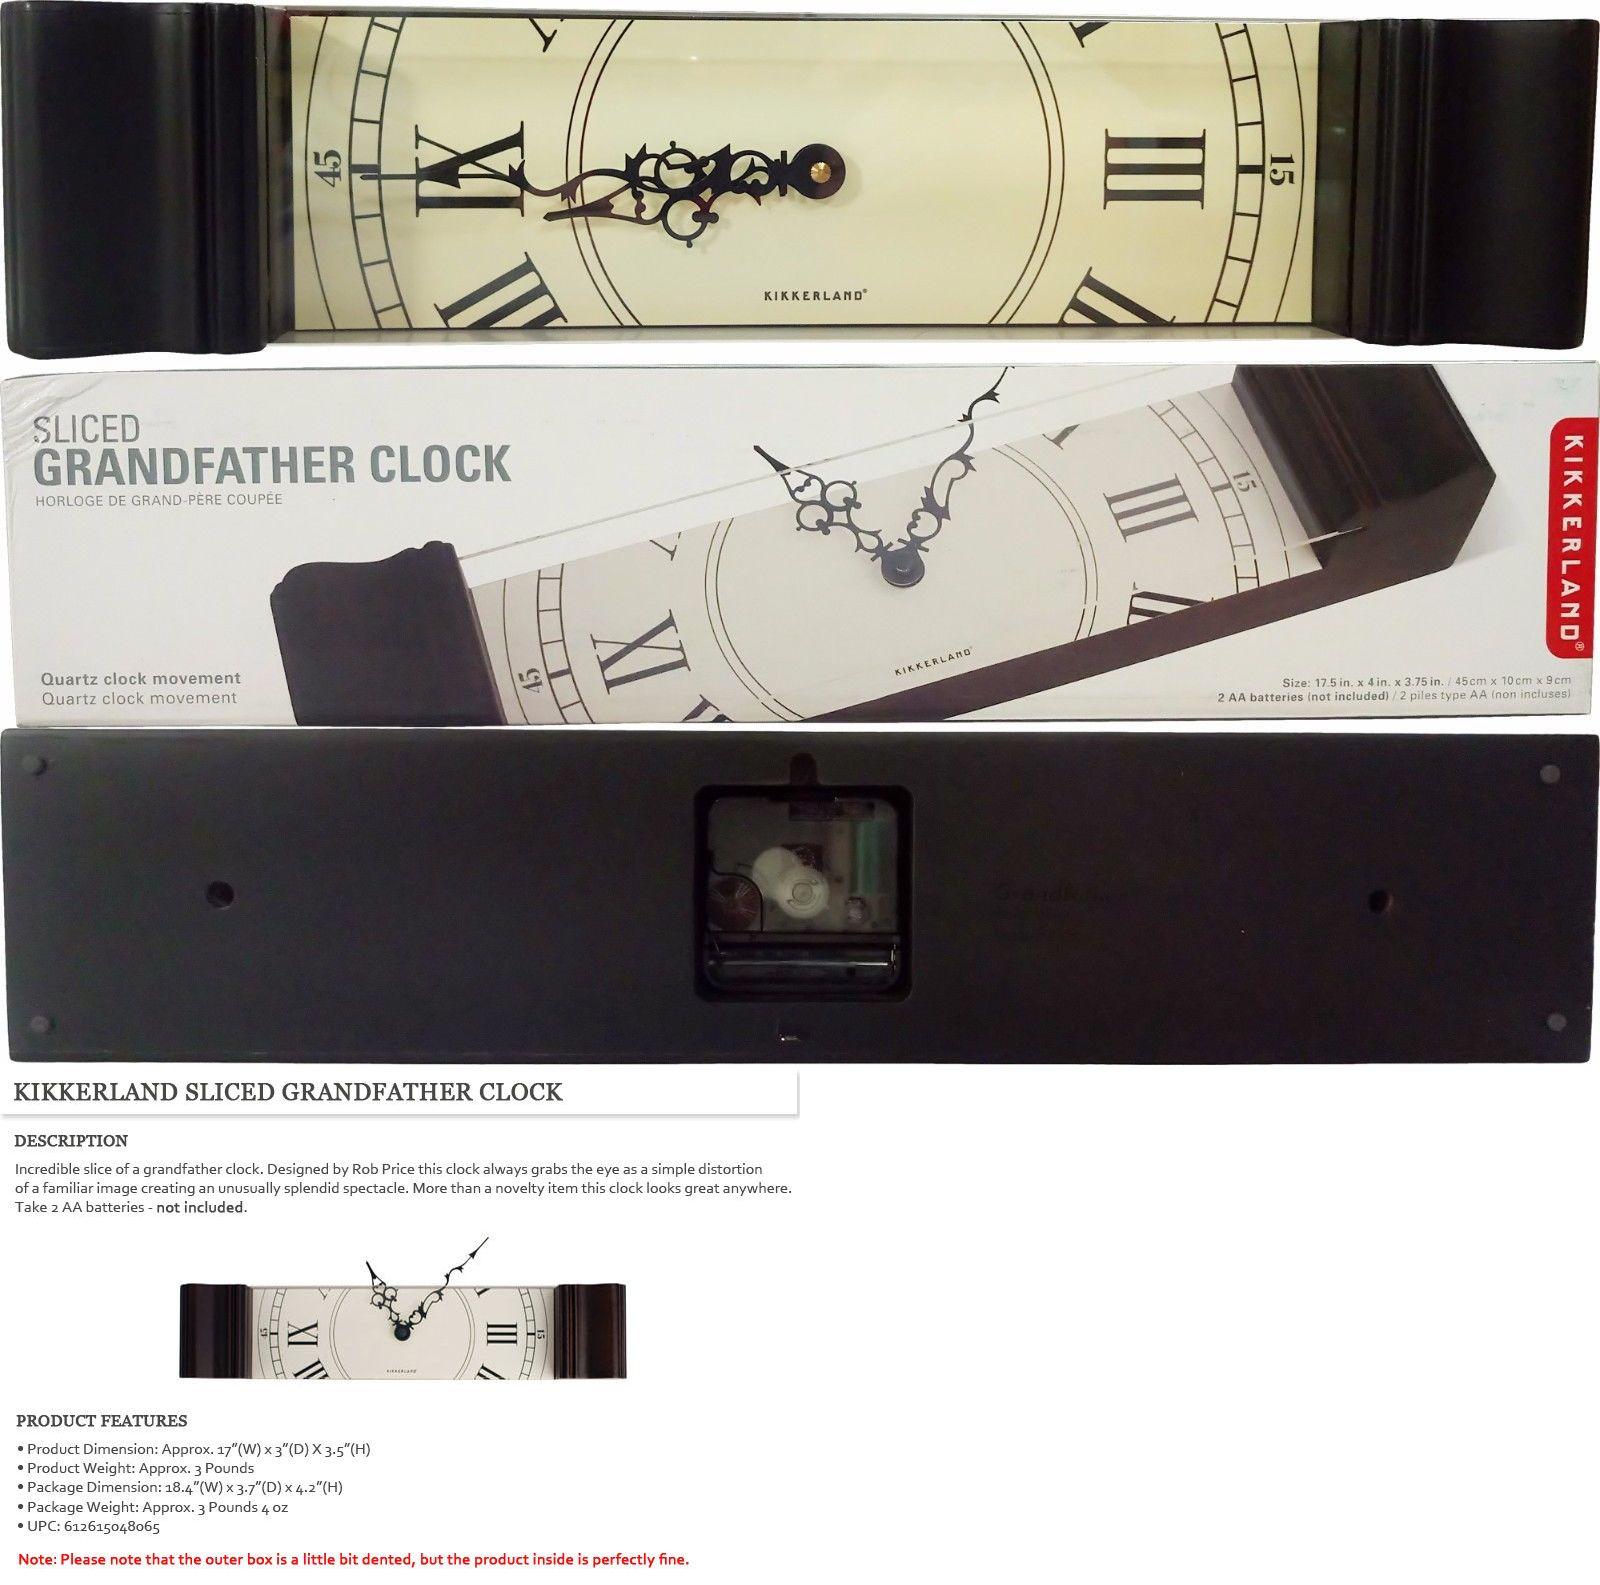 grandfather clocks  kikkerland sliced grandfather clock on  - grandfather clocks  kikkerland sliced grandfather clock on sale free expedited shipping